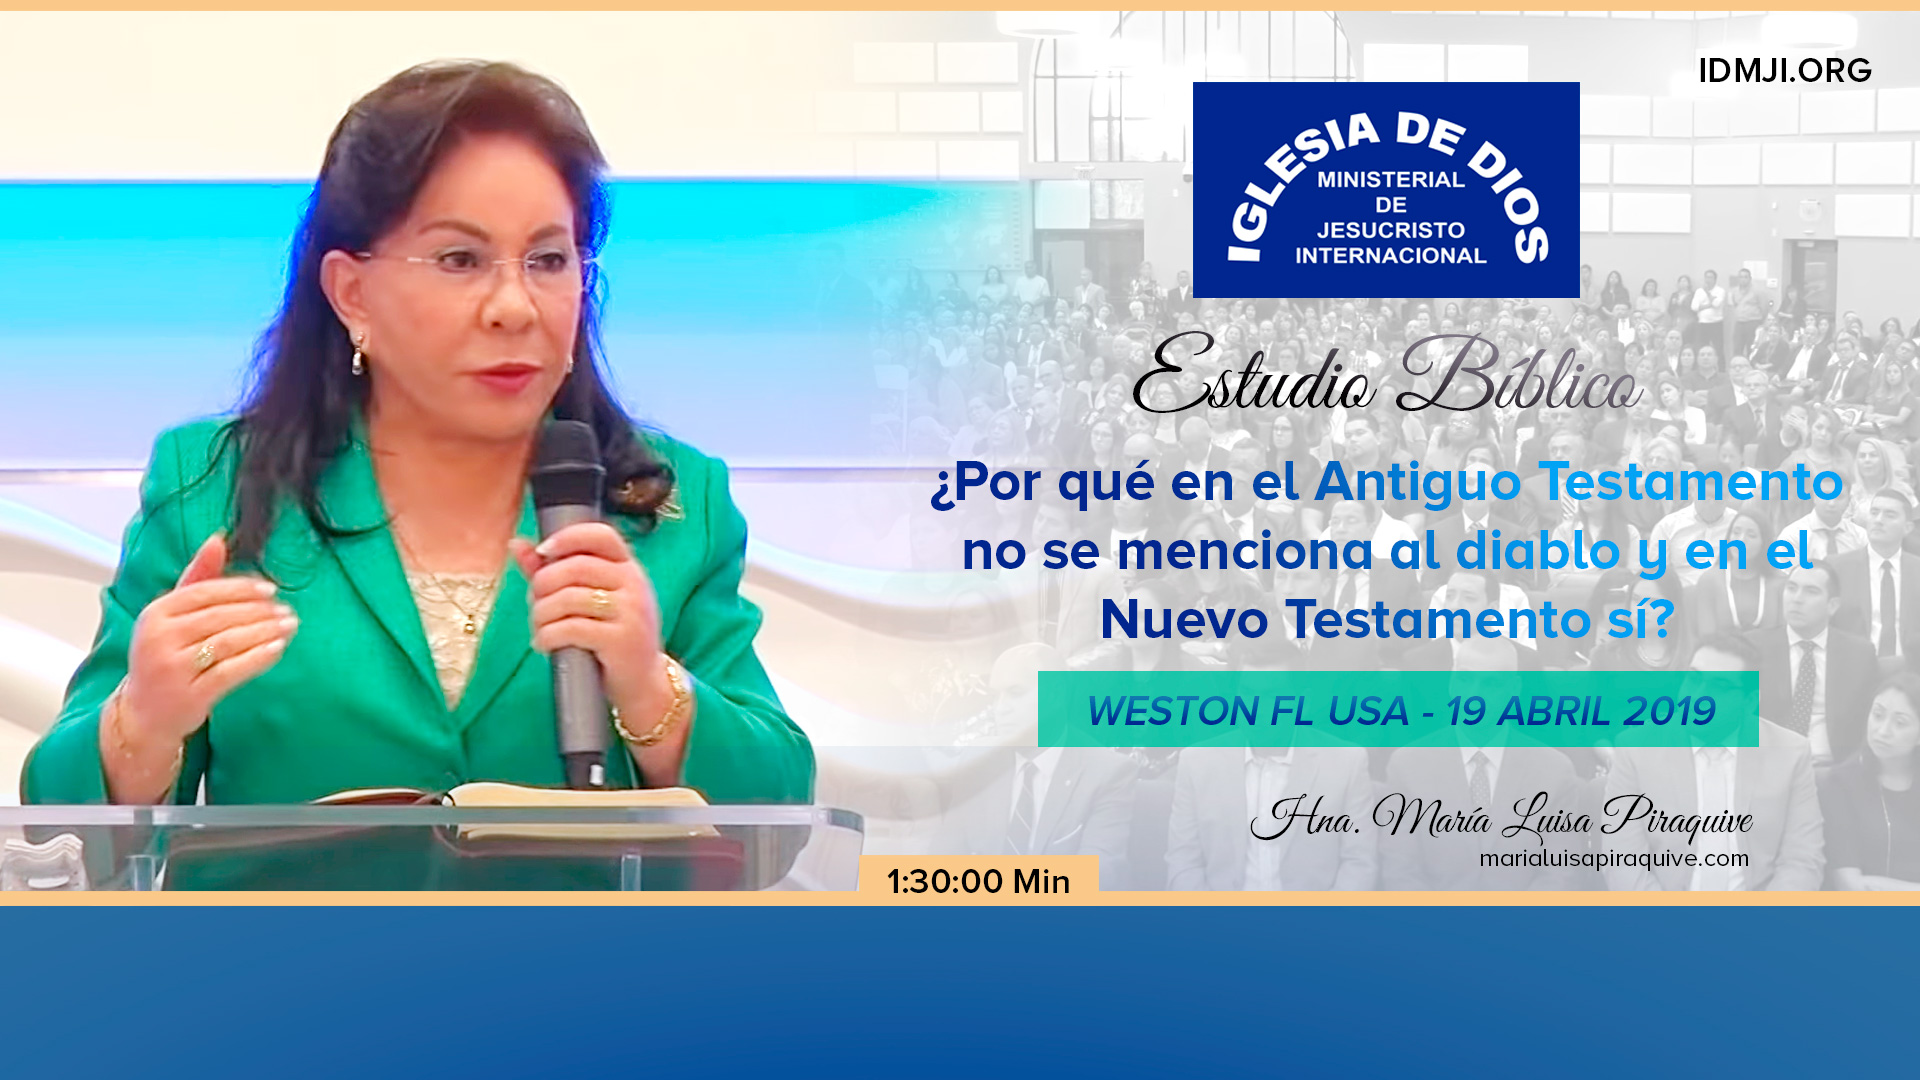 Estudio Bíblico: ¿Por qué en el Antiguo testamento no se menciona al diablo y en el Nuevo Testamento sí?